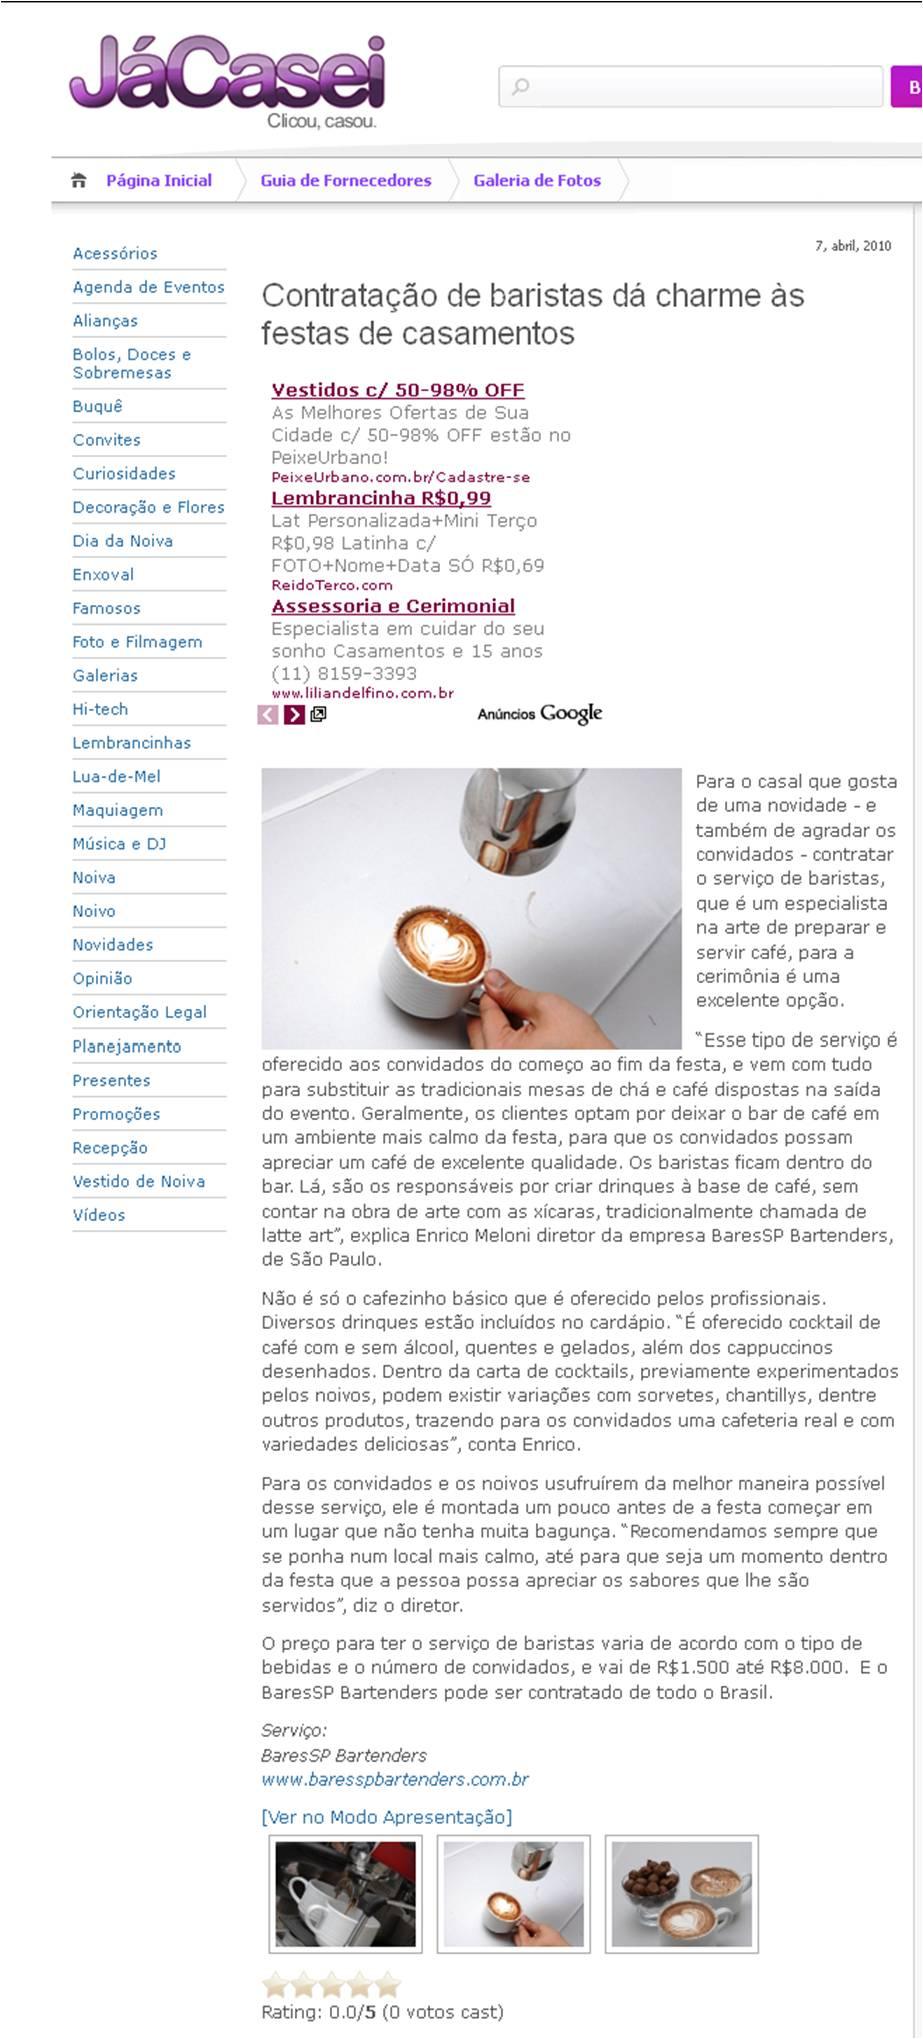 Matéria sobre baristas no Site JaCasei.com